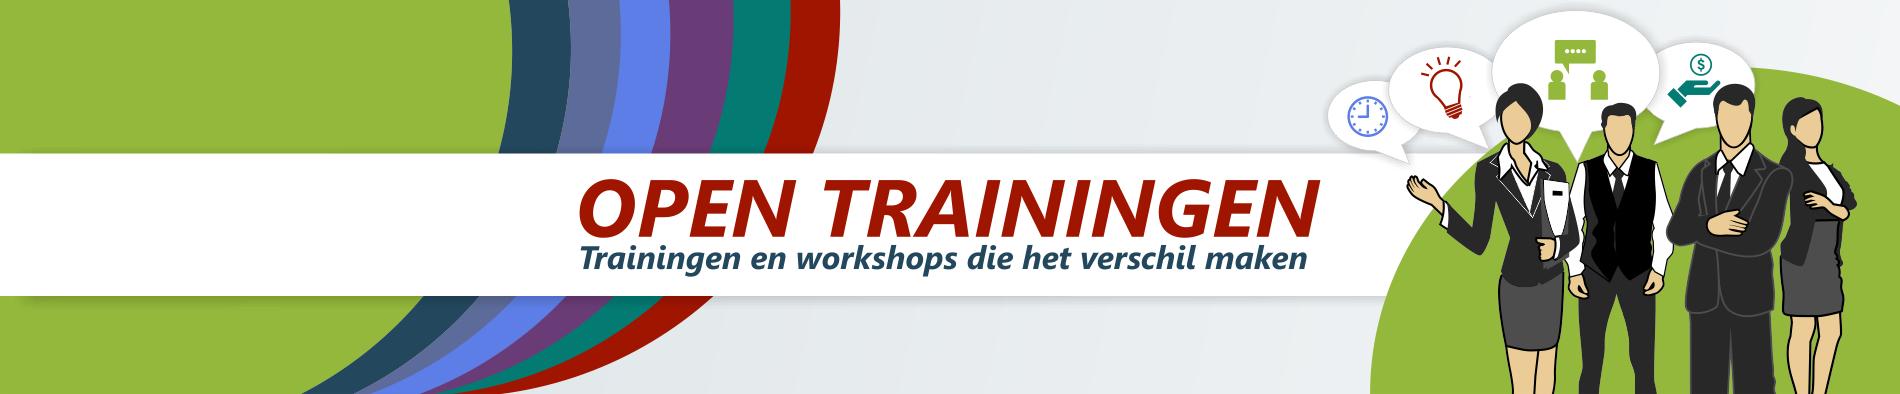 open trainingen